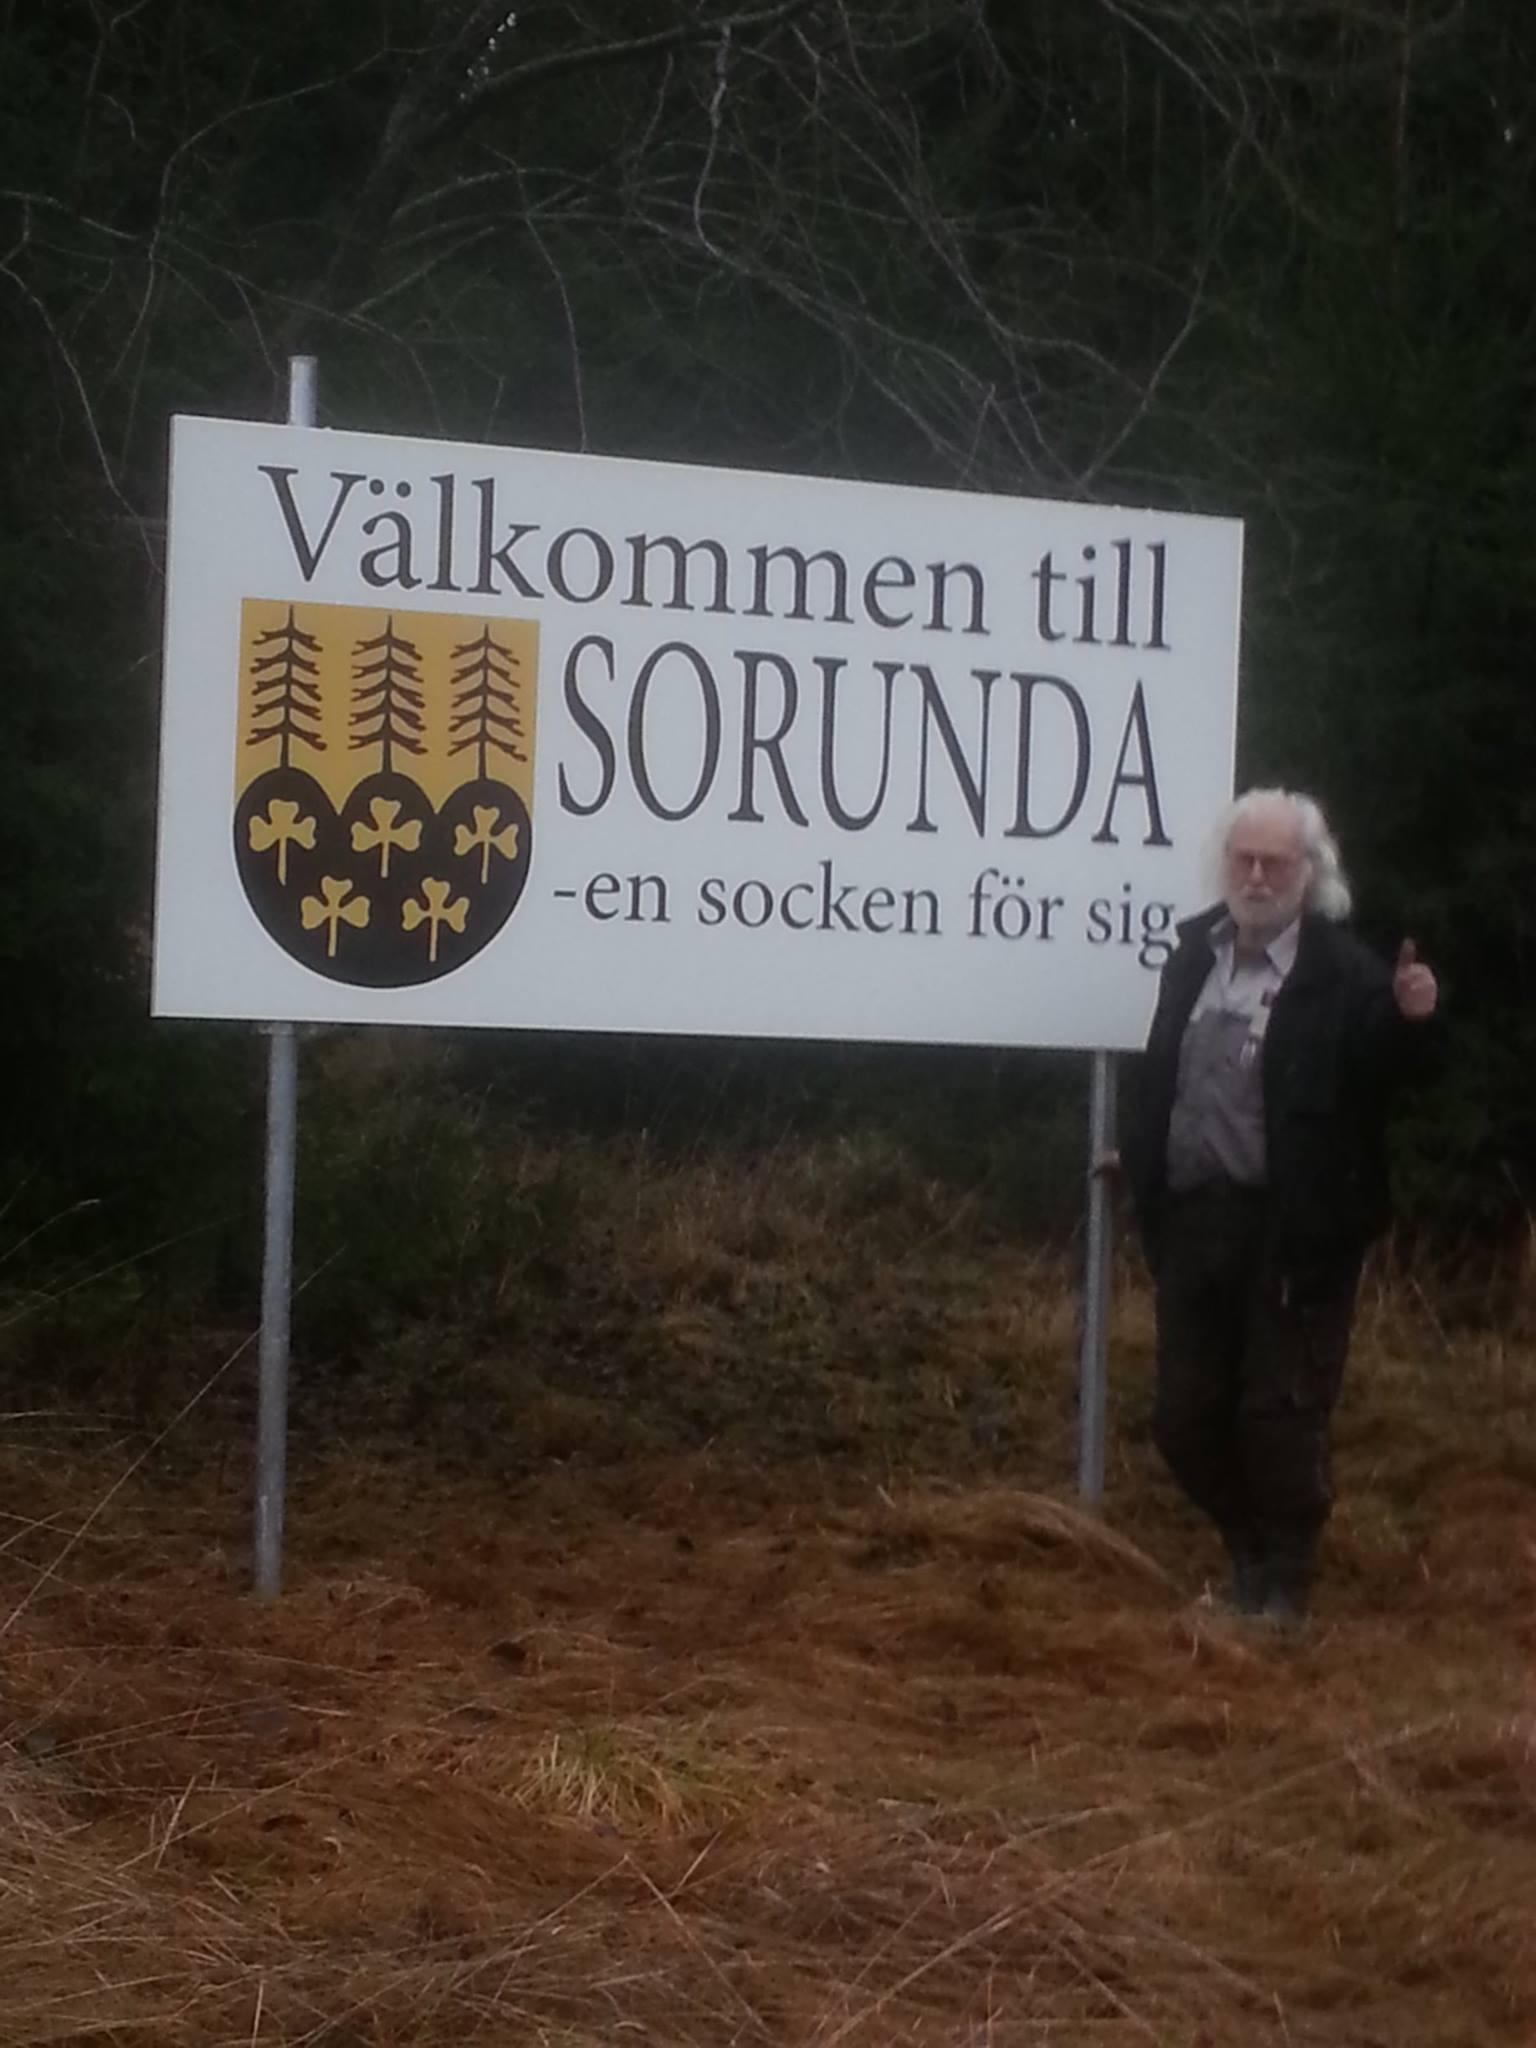 Vår kommun bidrar inte med 5 000 kr till skyltar i Sorunda. Kommunalrådet Anna Ljungdell tillika ordförande i kommunstyrelsen menar att skyltarna är politiska!